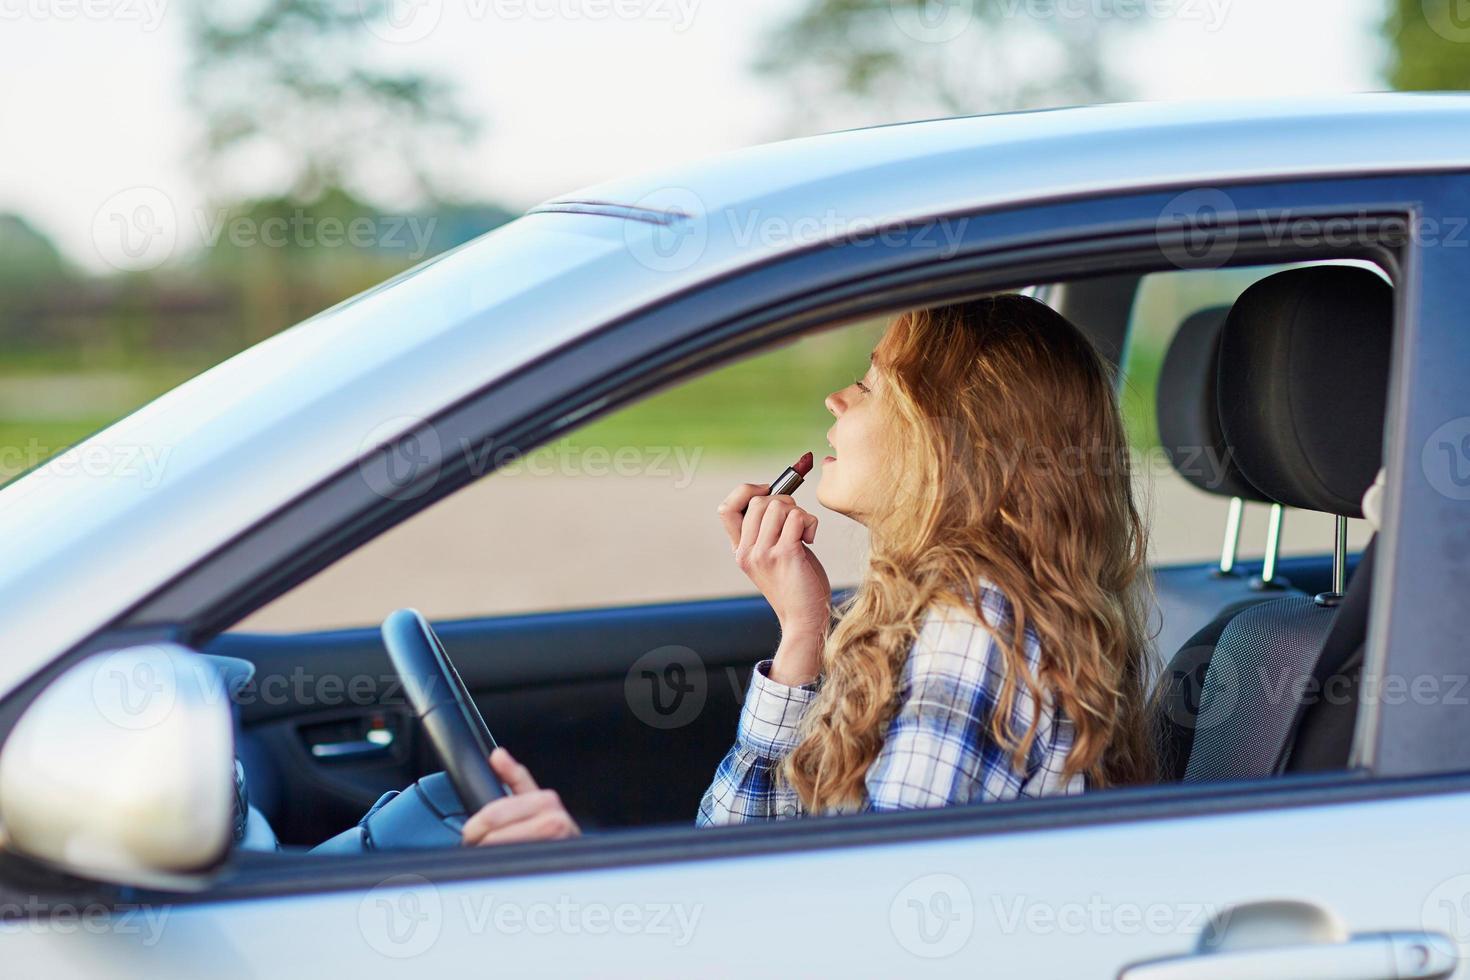 kvinna som applicerar läppstift i en bil under körning foto